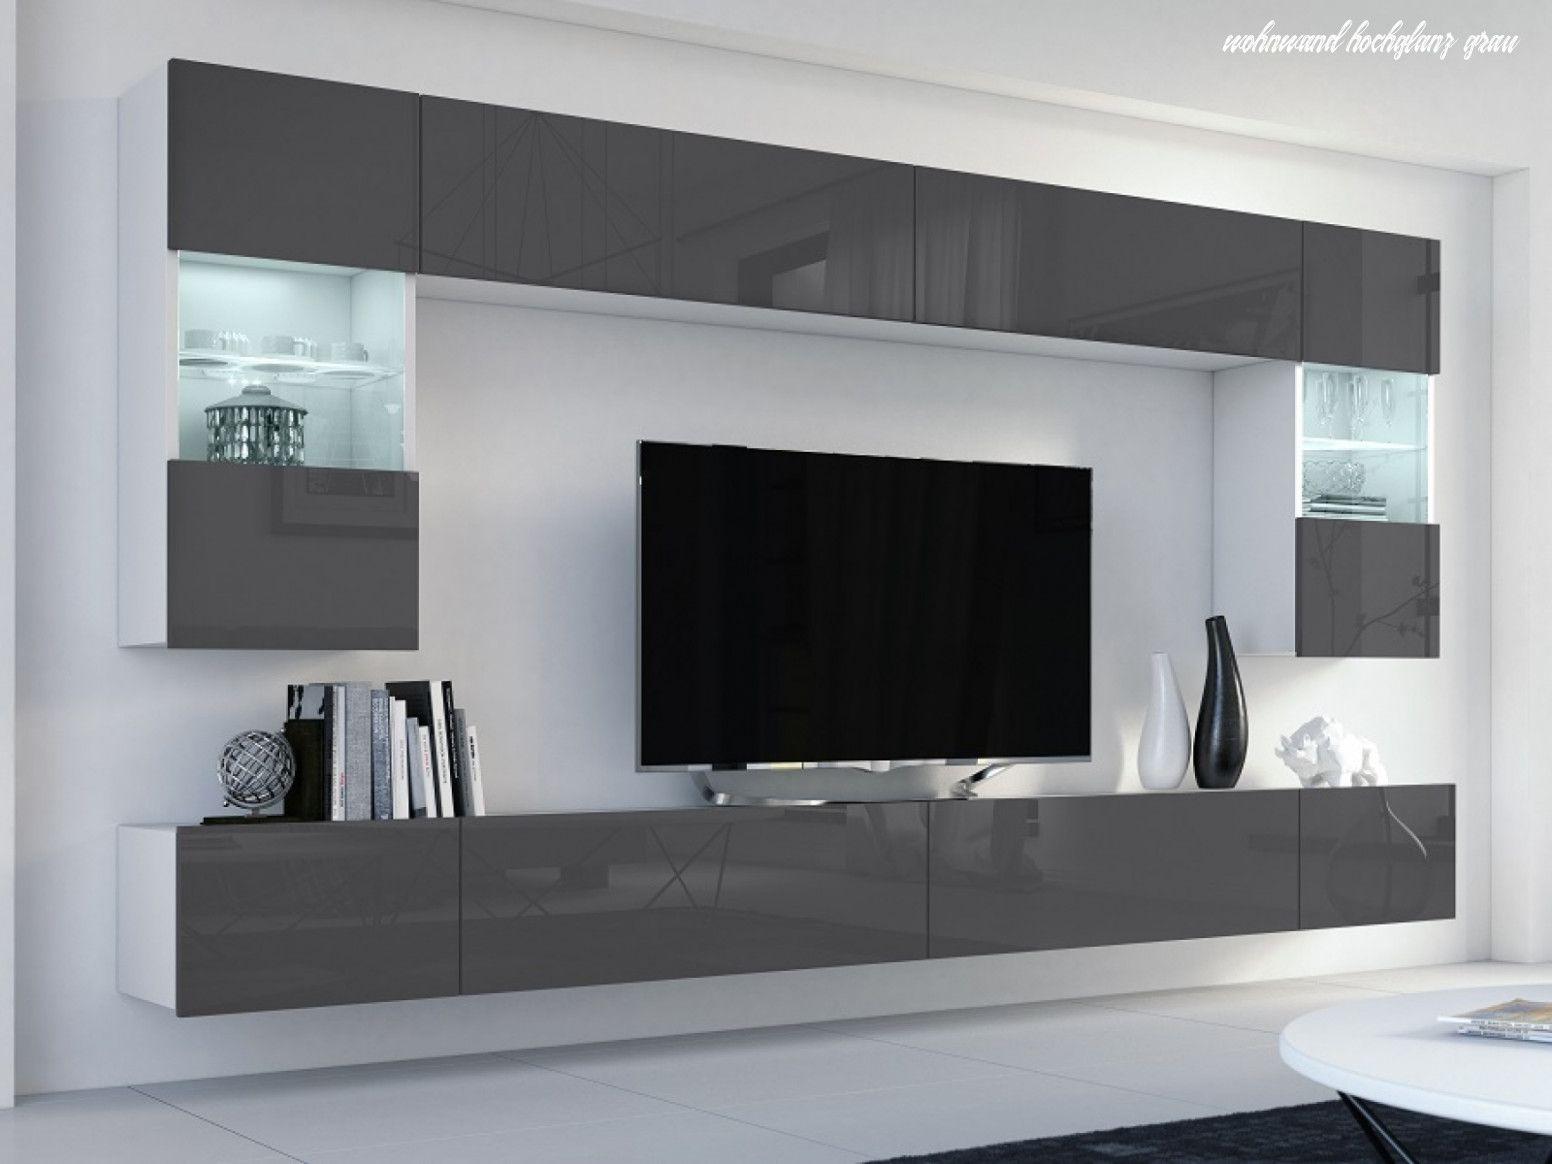 Mit Dieser Wohnwand Inclusive Led Beleuchtung Verleihen Sie Ihrem Wohnzimmer Ein Ambiente Mit Klarer Linienfuhrung Die Schwarz Lacki Home Furniture Home Decor